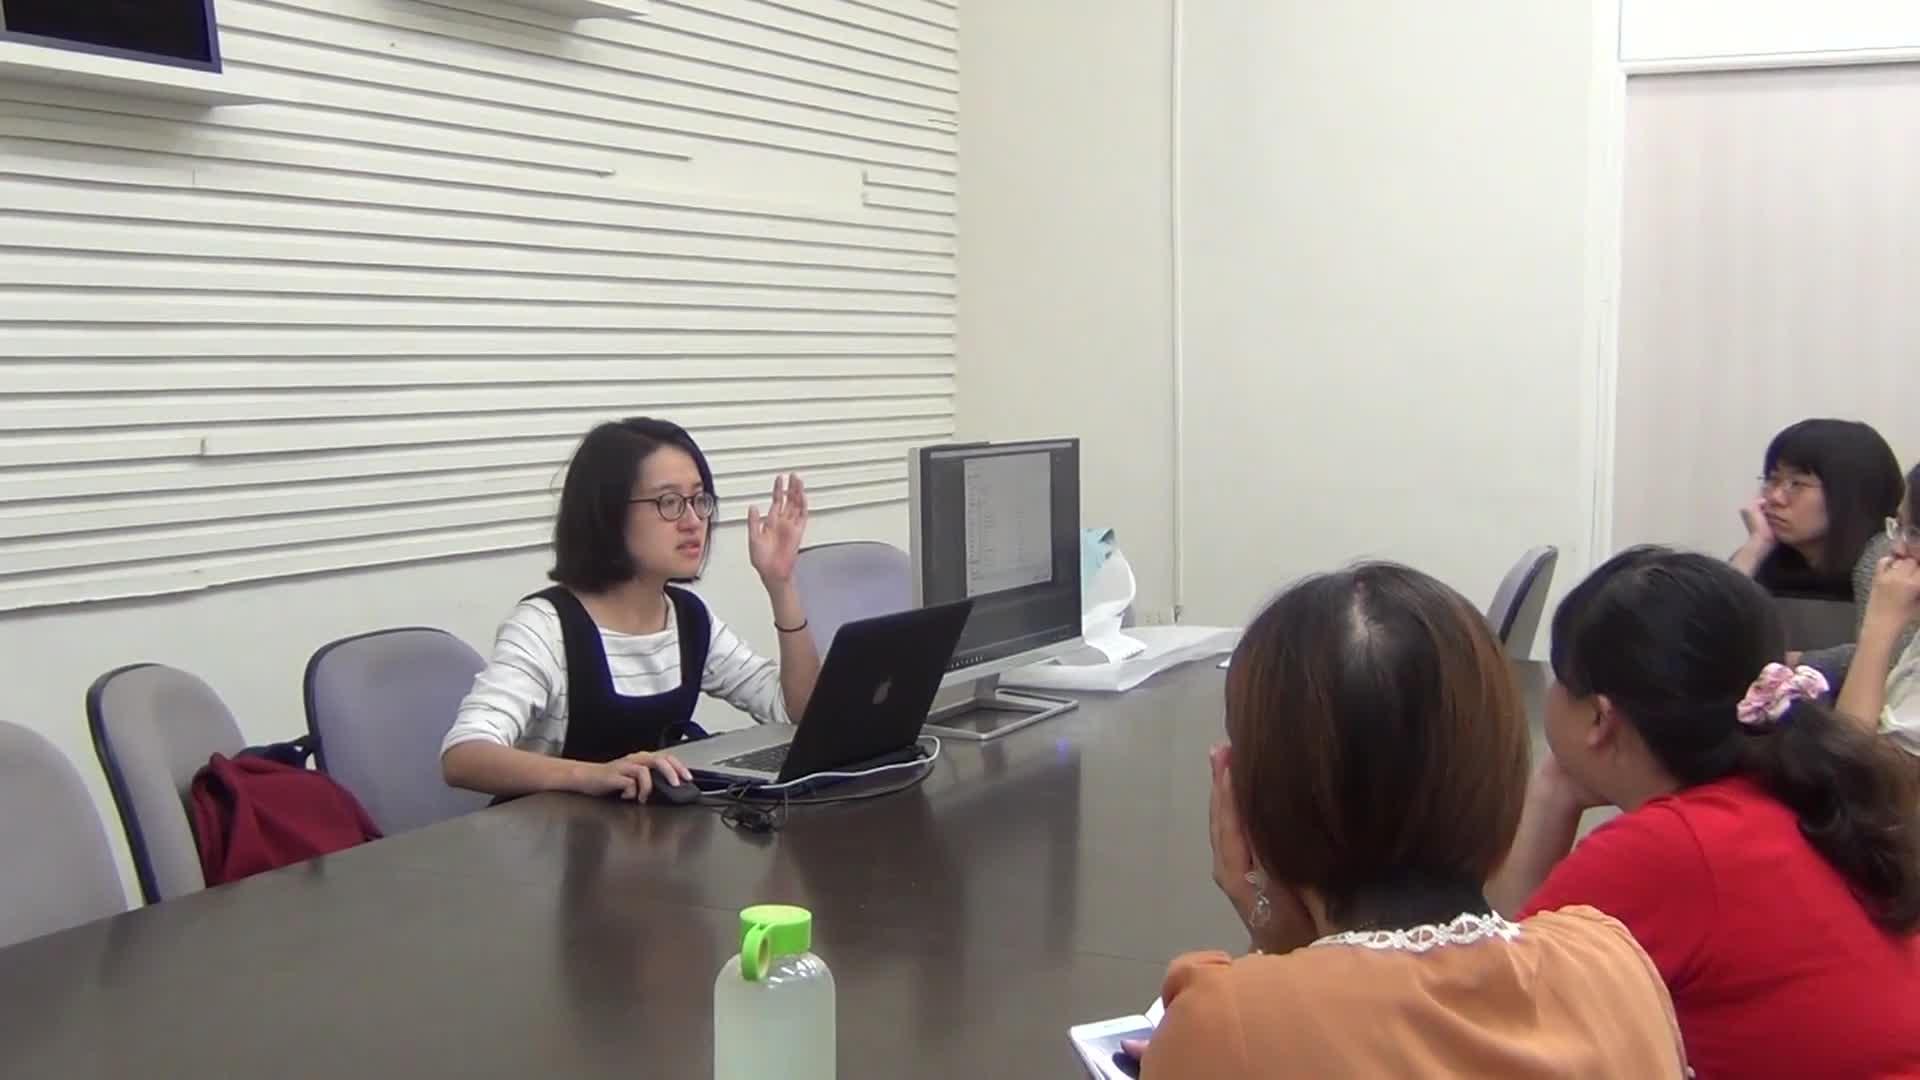 臺灣戲曲中心3D數位模擬預演系統開發計畫影音成果資料-內部教育訓練